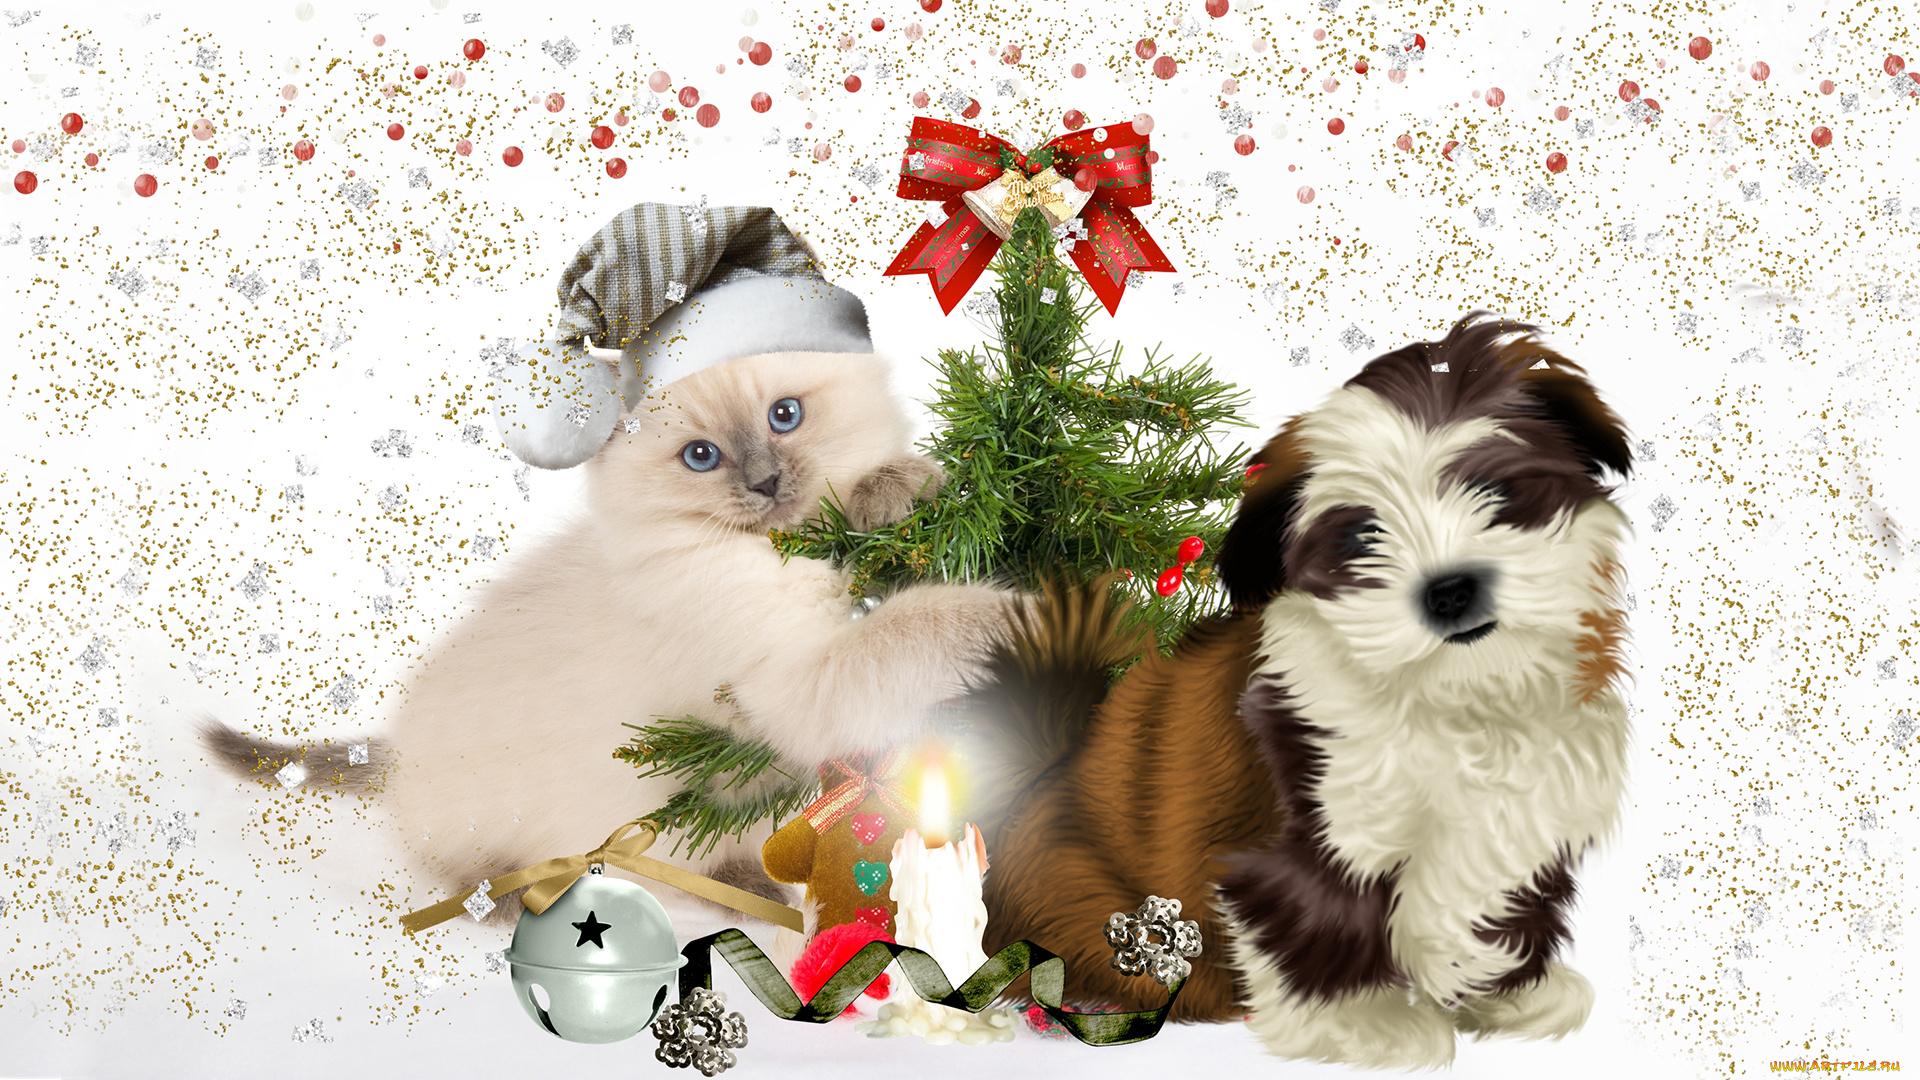 Открытка животные и новый год, тему обнять благодарю